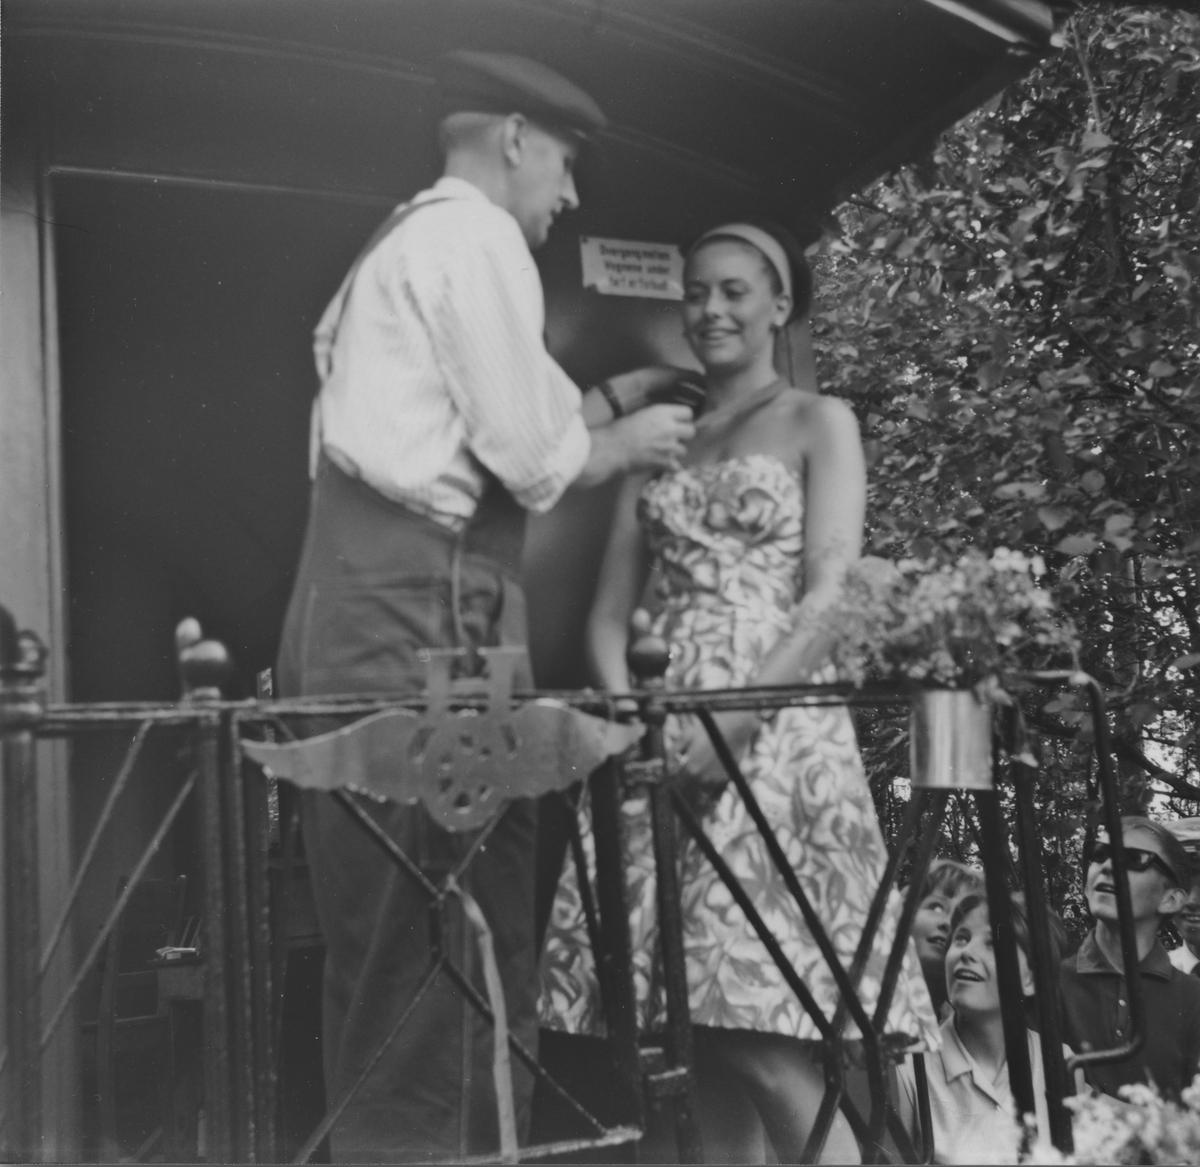 Fra den høytidelige åpningen av museumsbanen 19. juni 1966. Margrethe Wiegels overrekkes den gyldne skinnespiker av andelslagets formann Preben T. Hysing etter å ha foretatt snorklippingen.